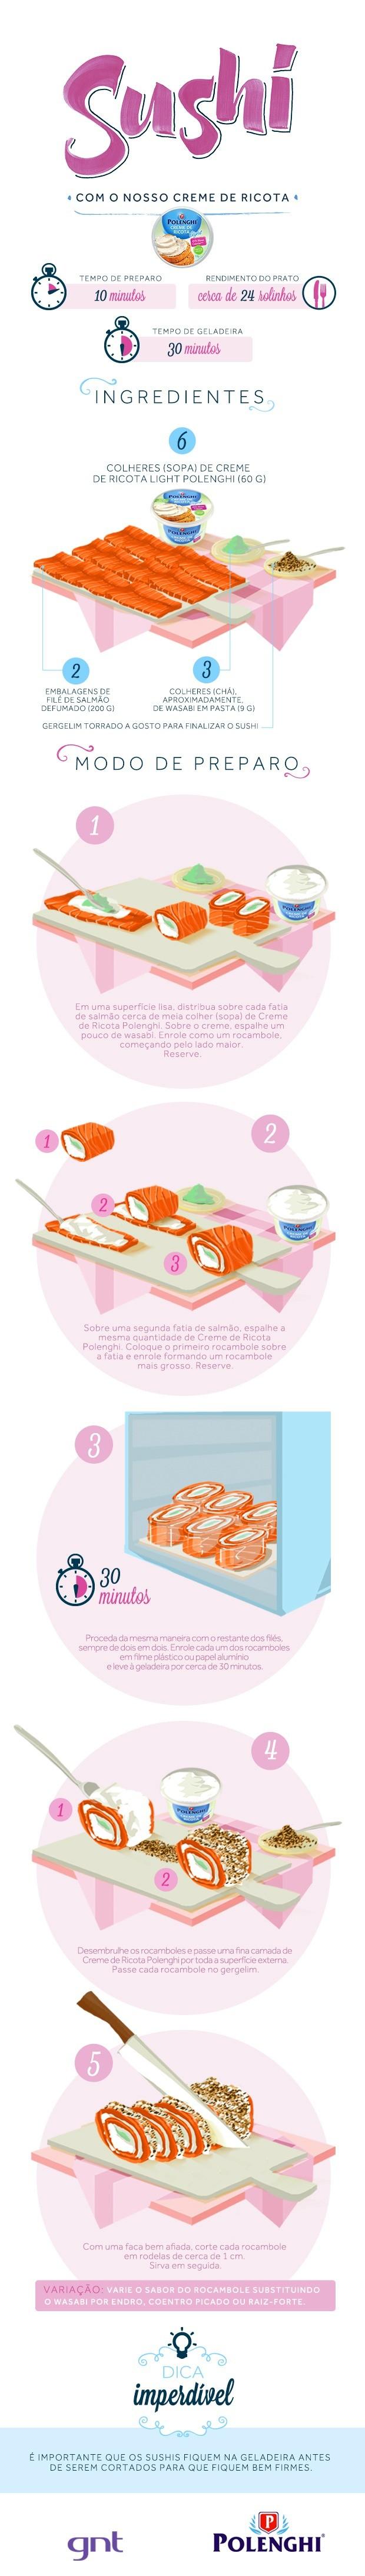 Nosso creme de ricota - sushi (Foto: GNT)